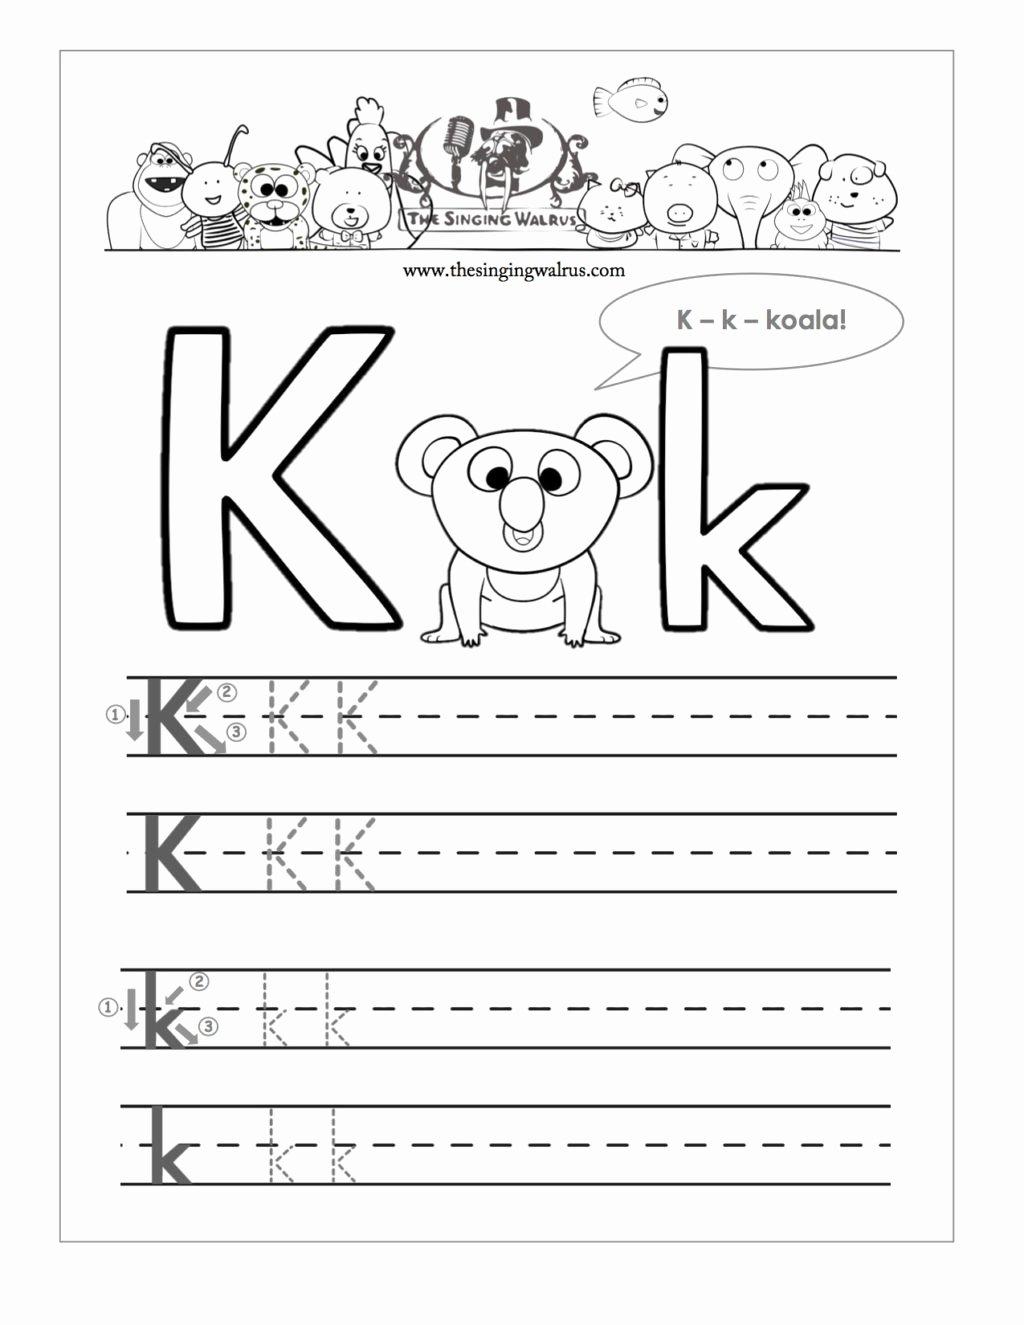 Worksheets for Preschoolers Letters Fresh Worksheet Free Printable Letter K Barka astonishing